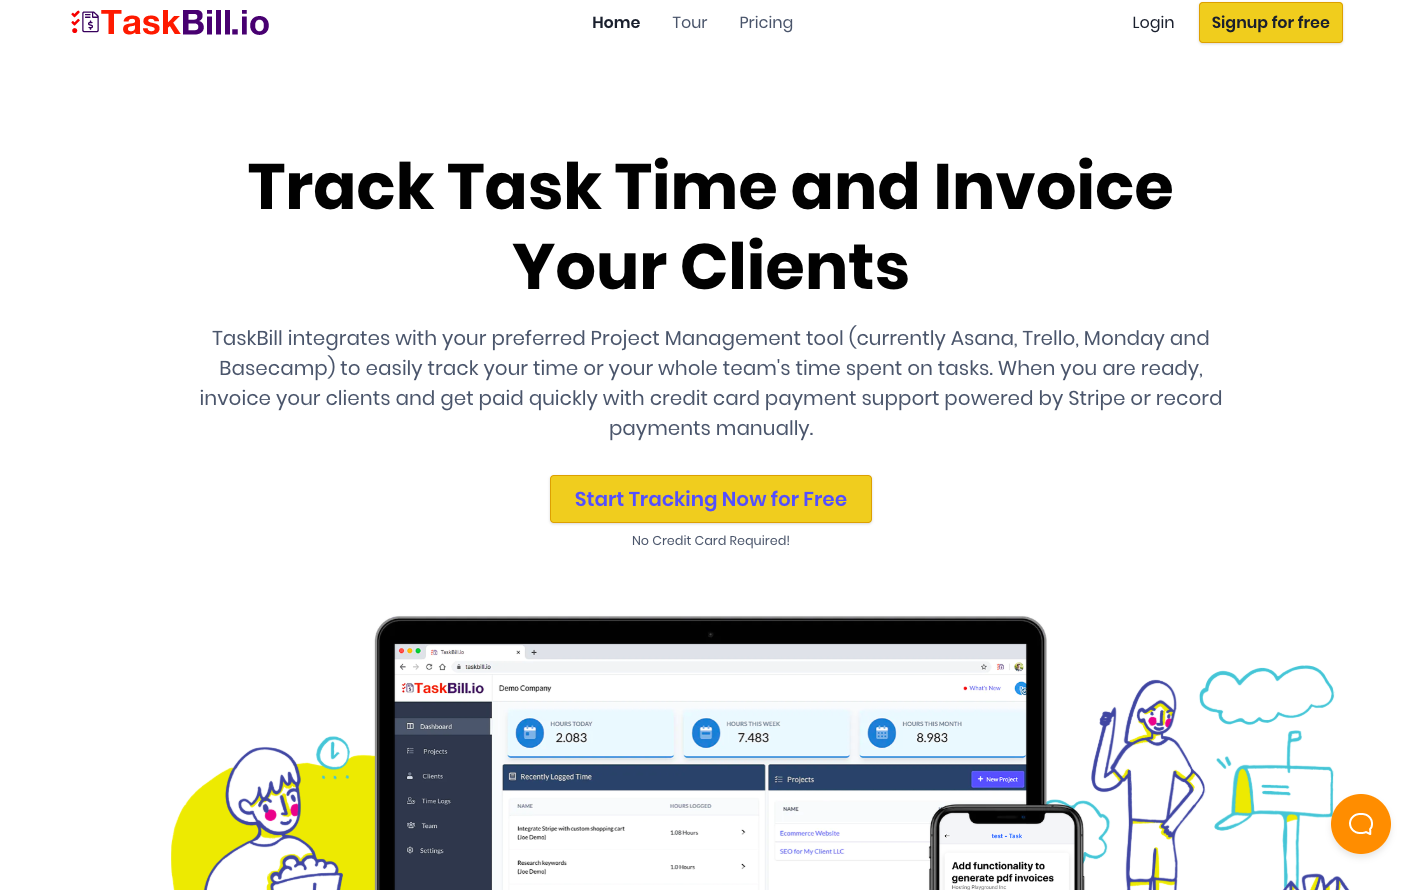 Taskbill landing page